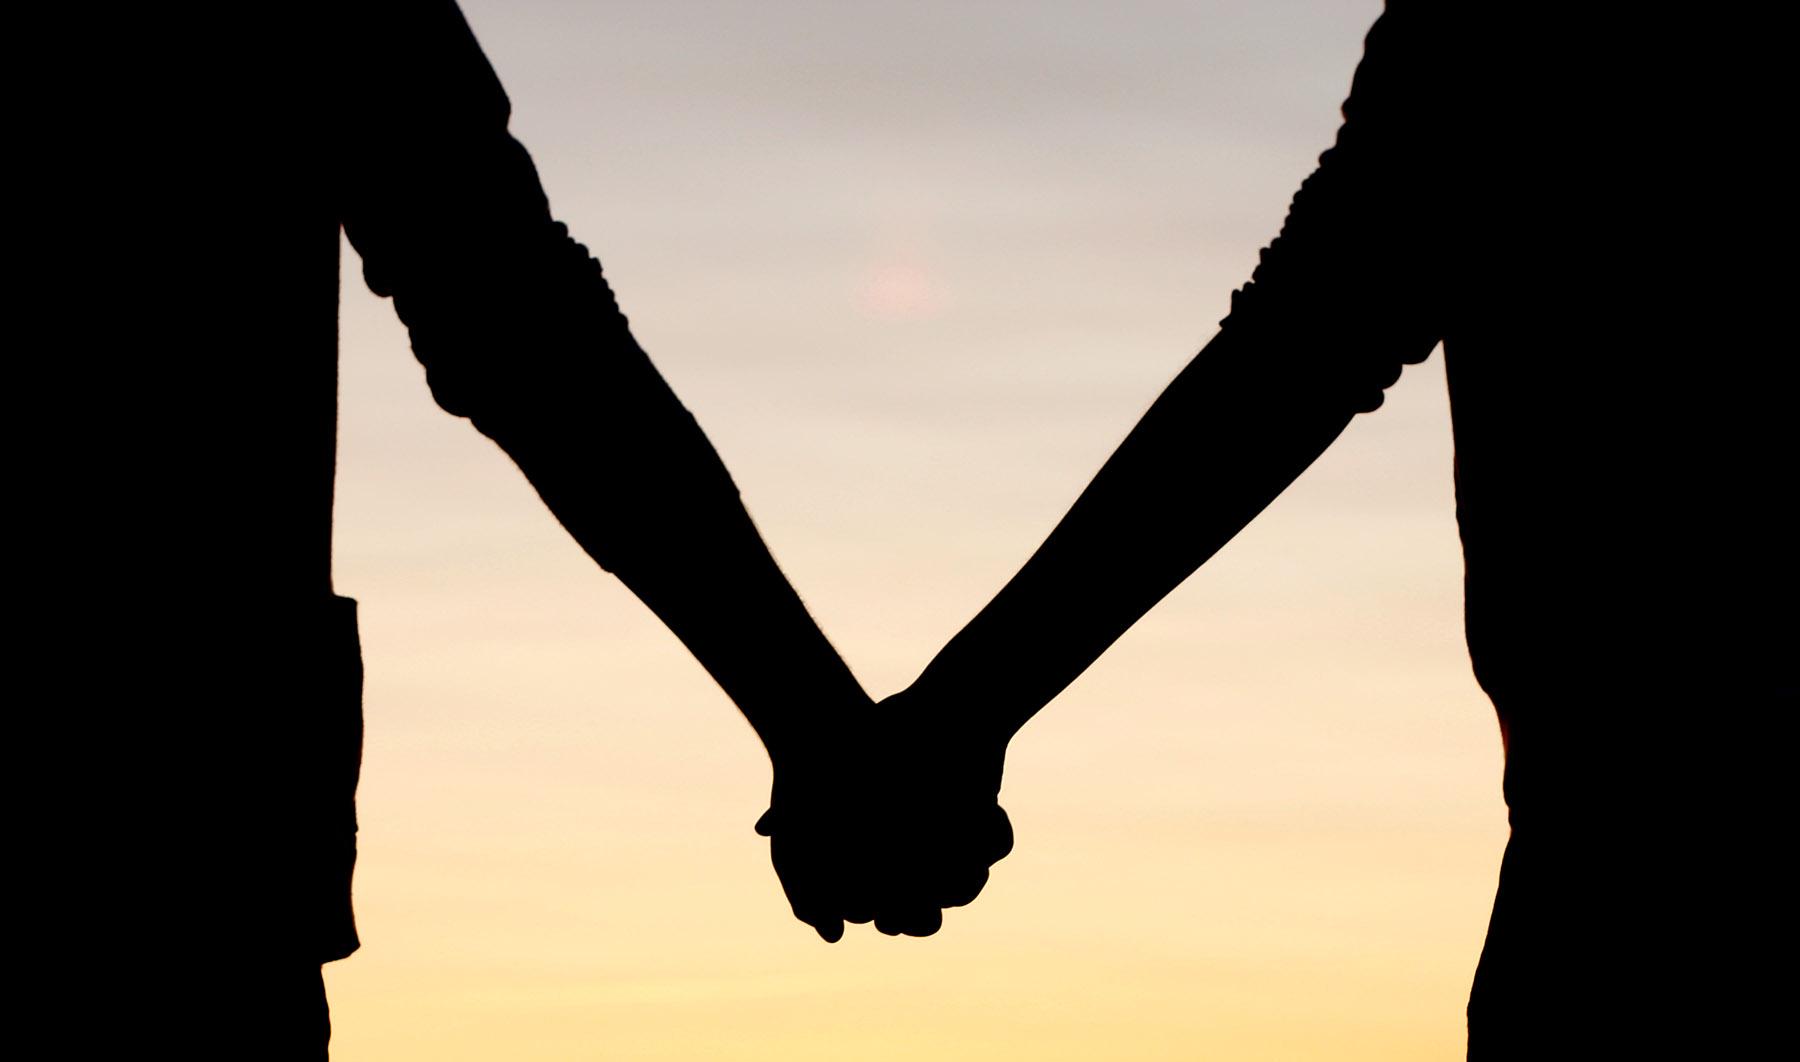 دوستی های پیش از ازدواج و معایب آن